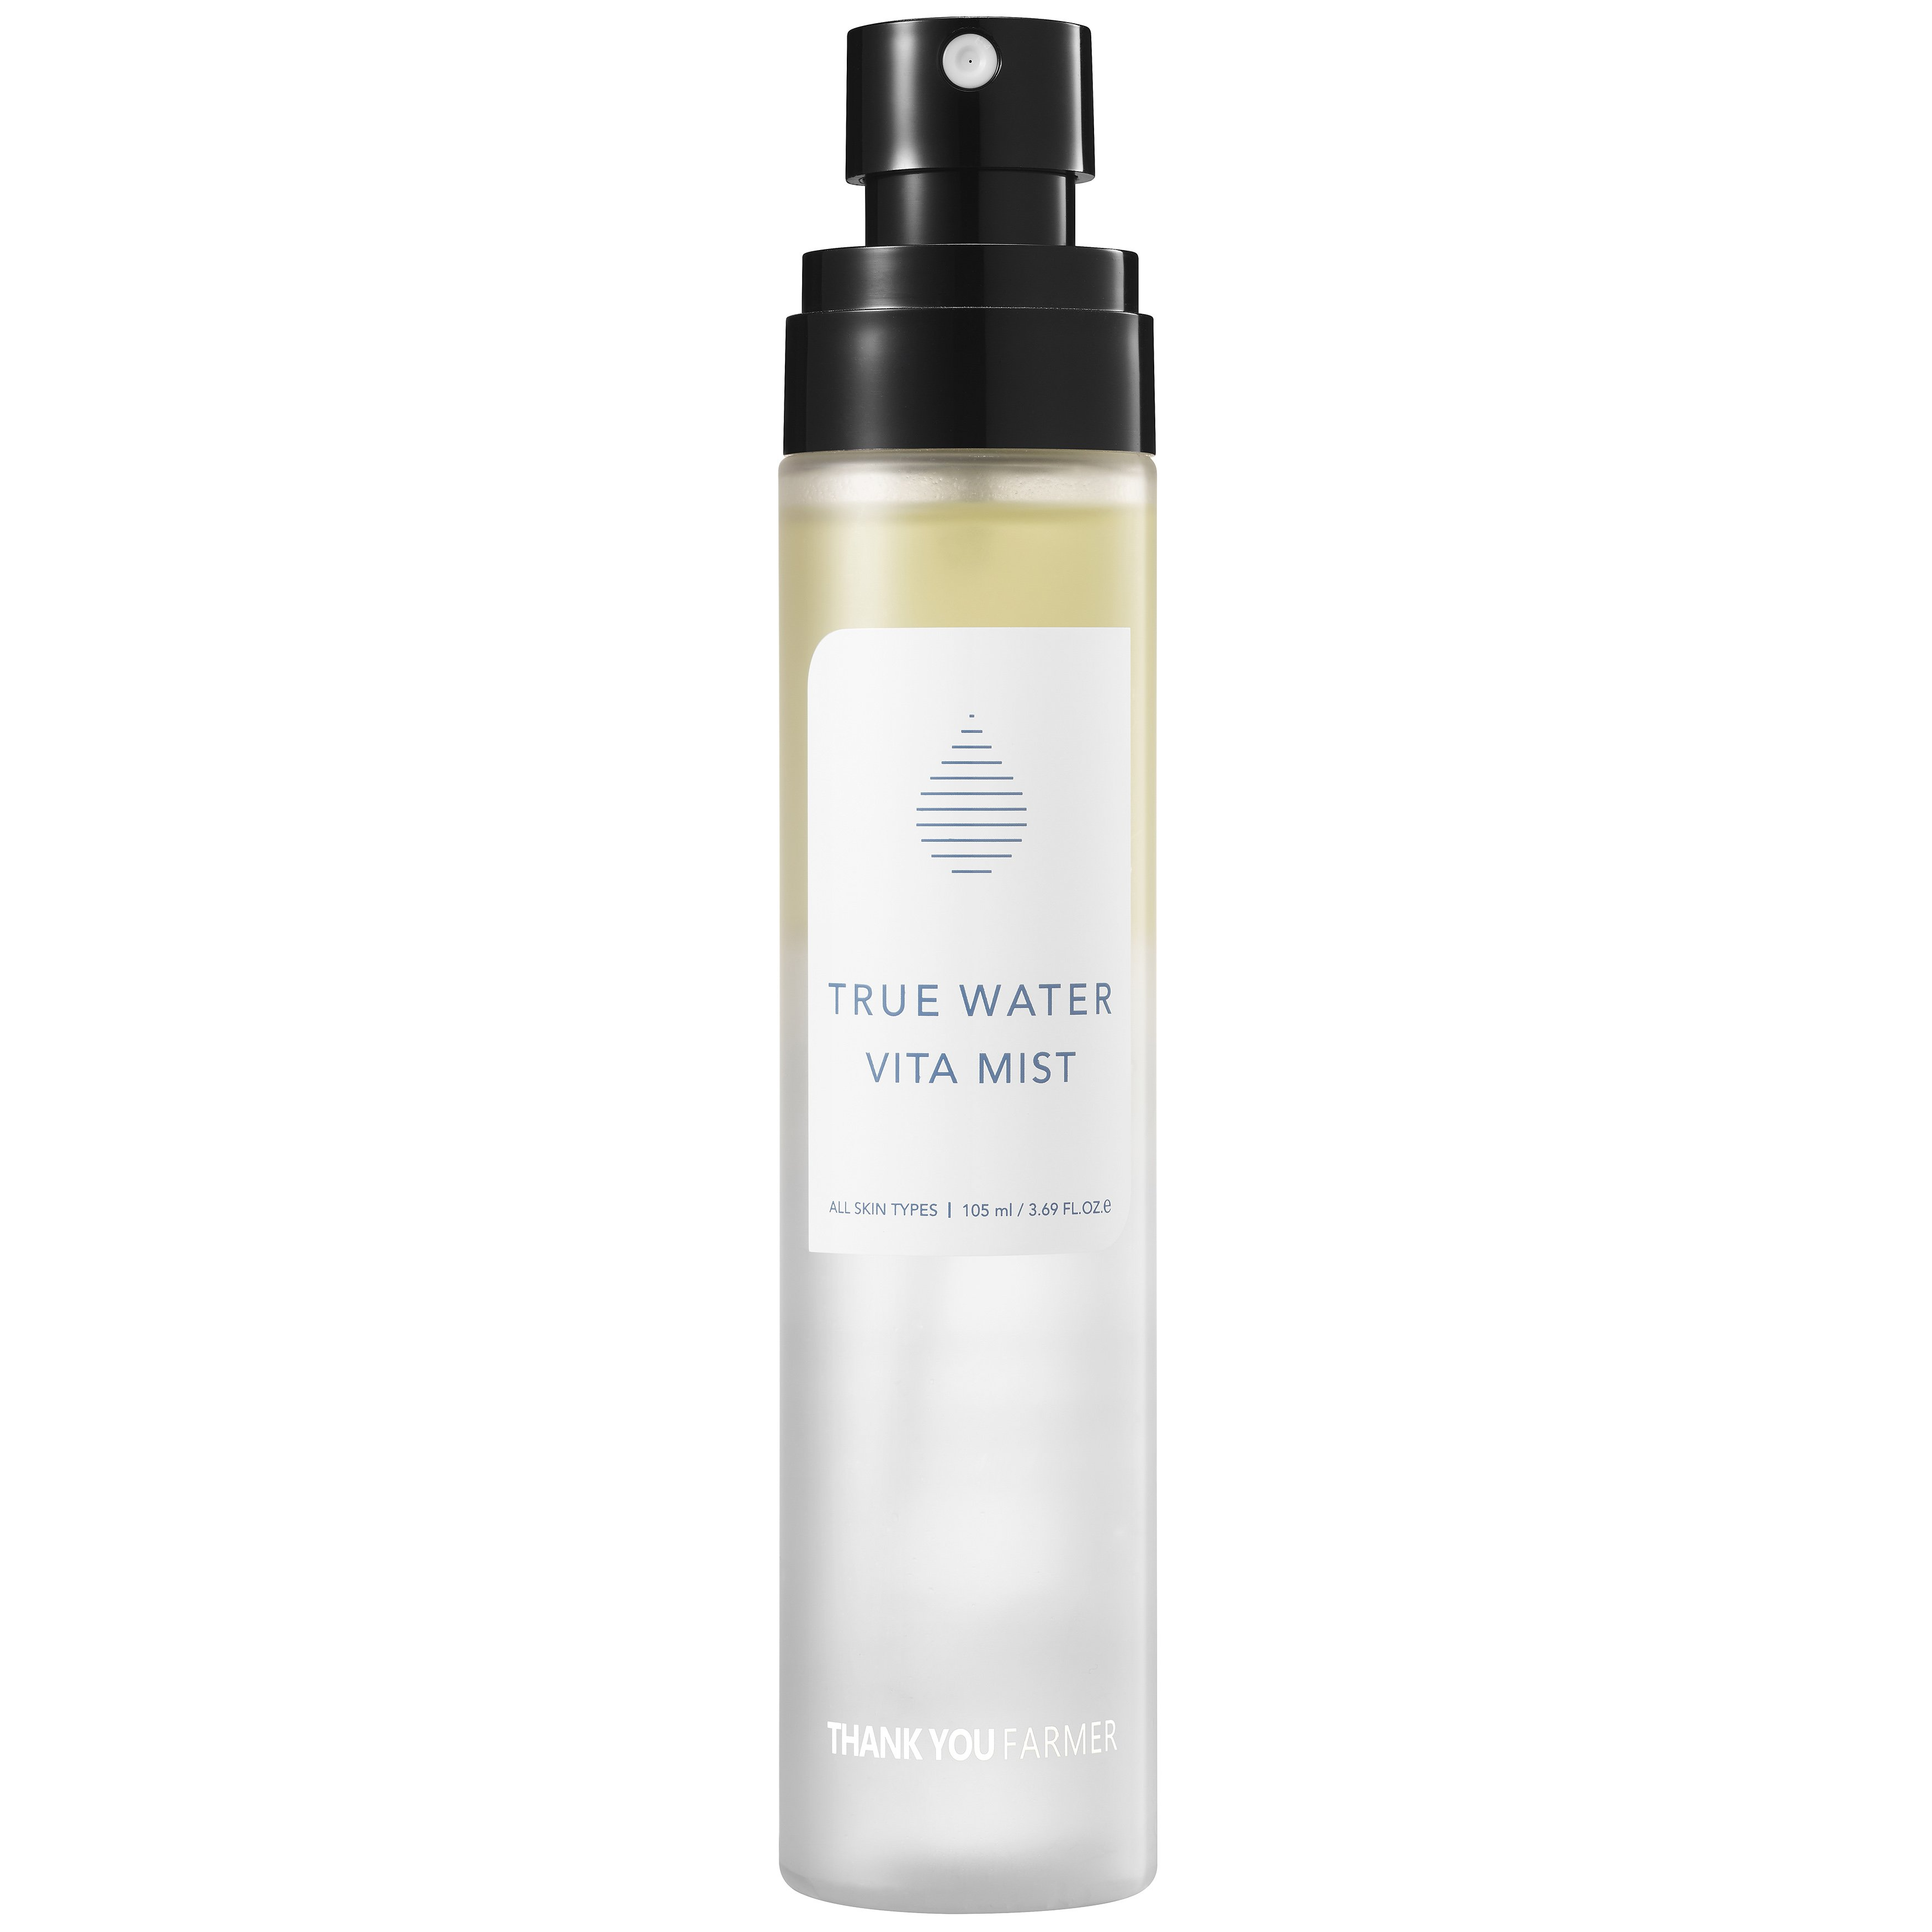 Thank You Farmer True Water Vita Mist Διφασικό Mist Προσώπου για Άμεση Ενυδάτωση της Επιδερμίδας 105ml